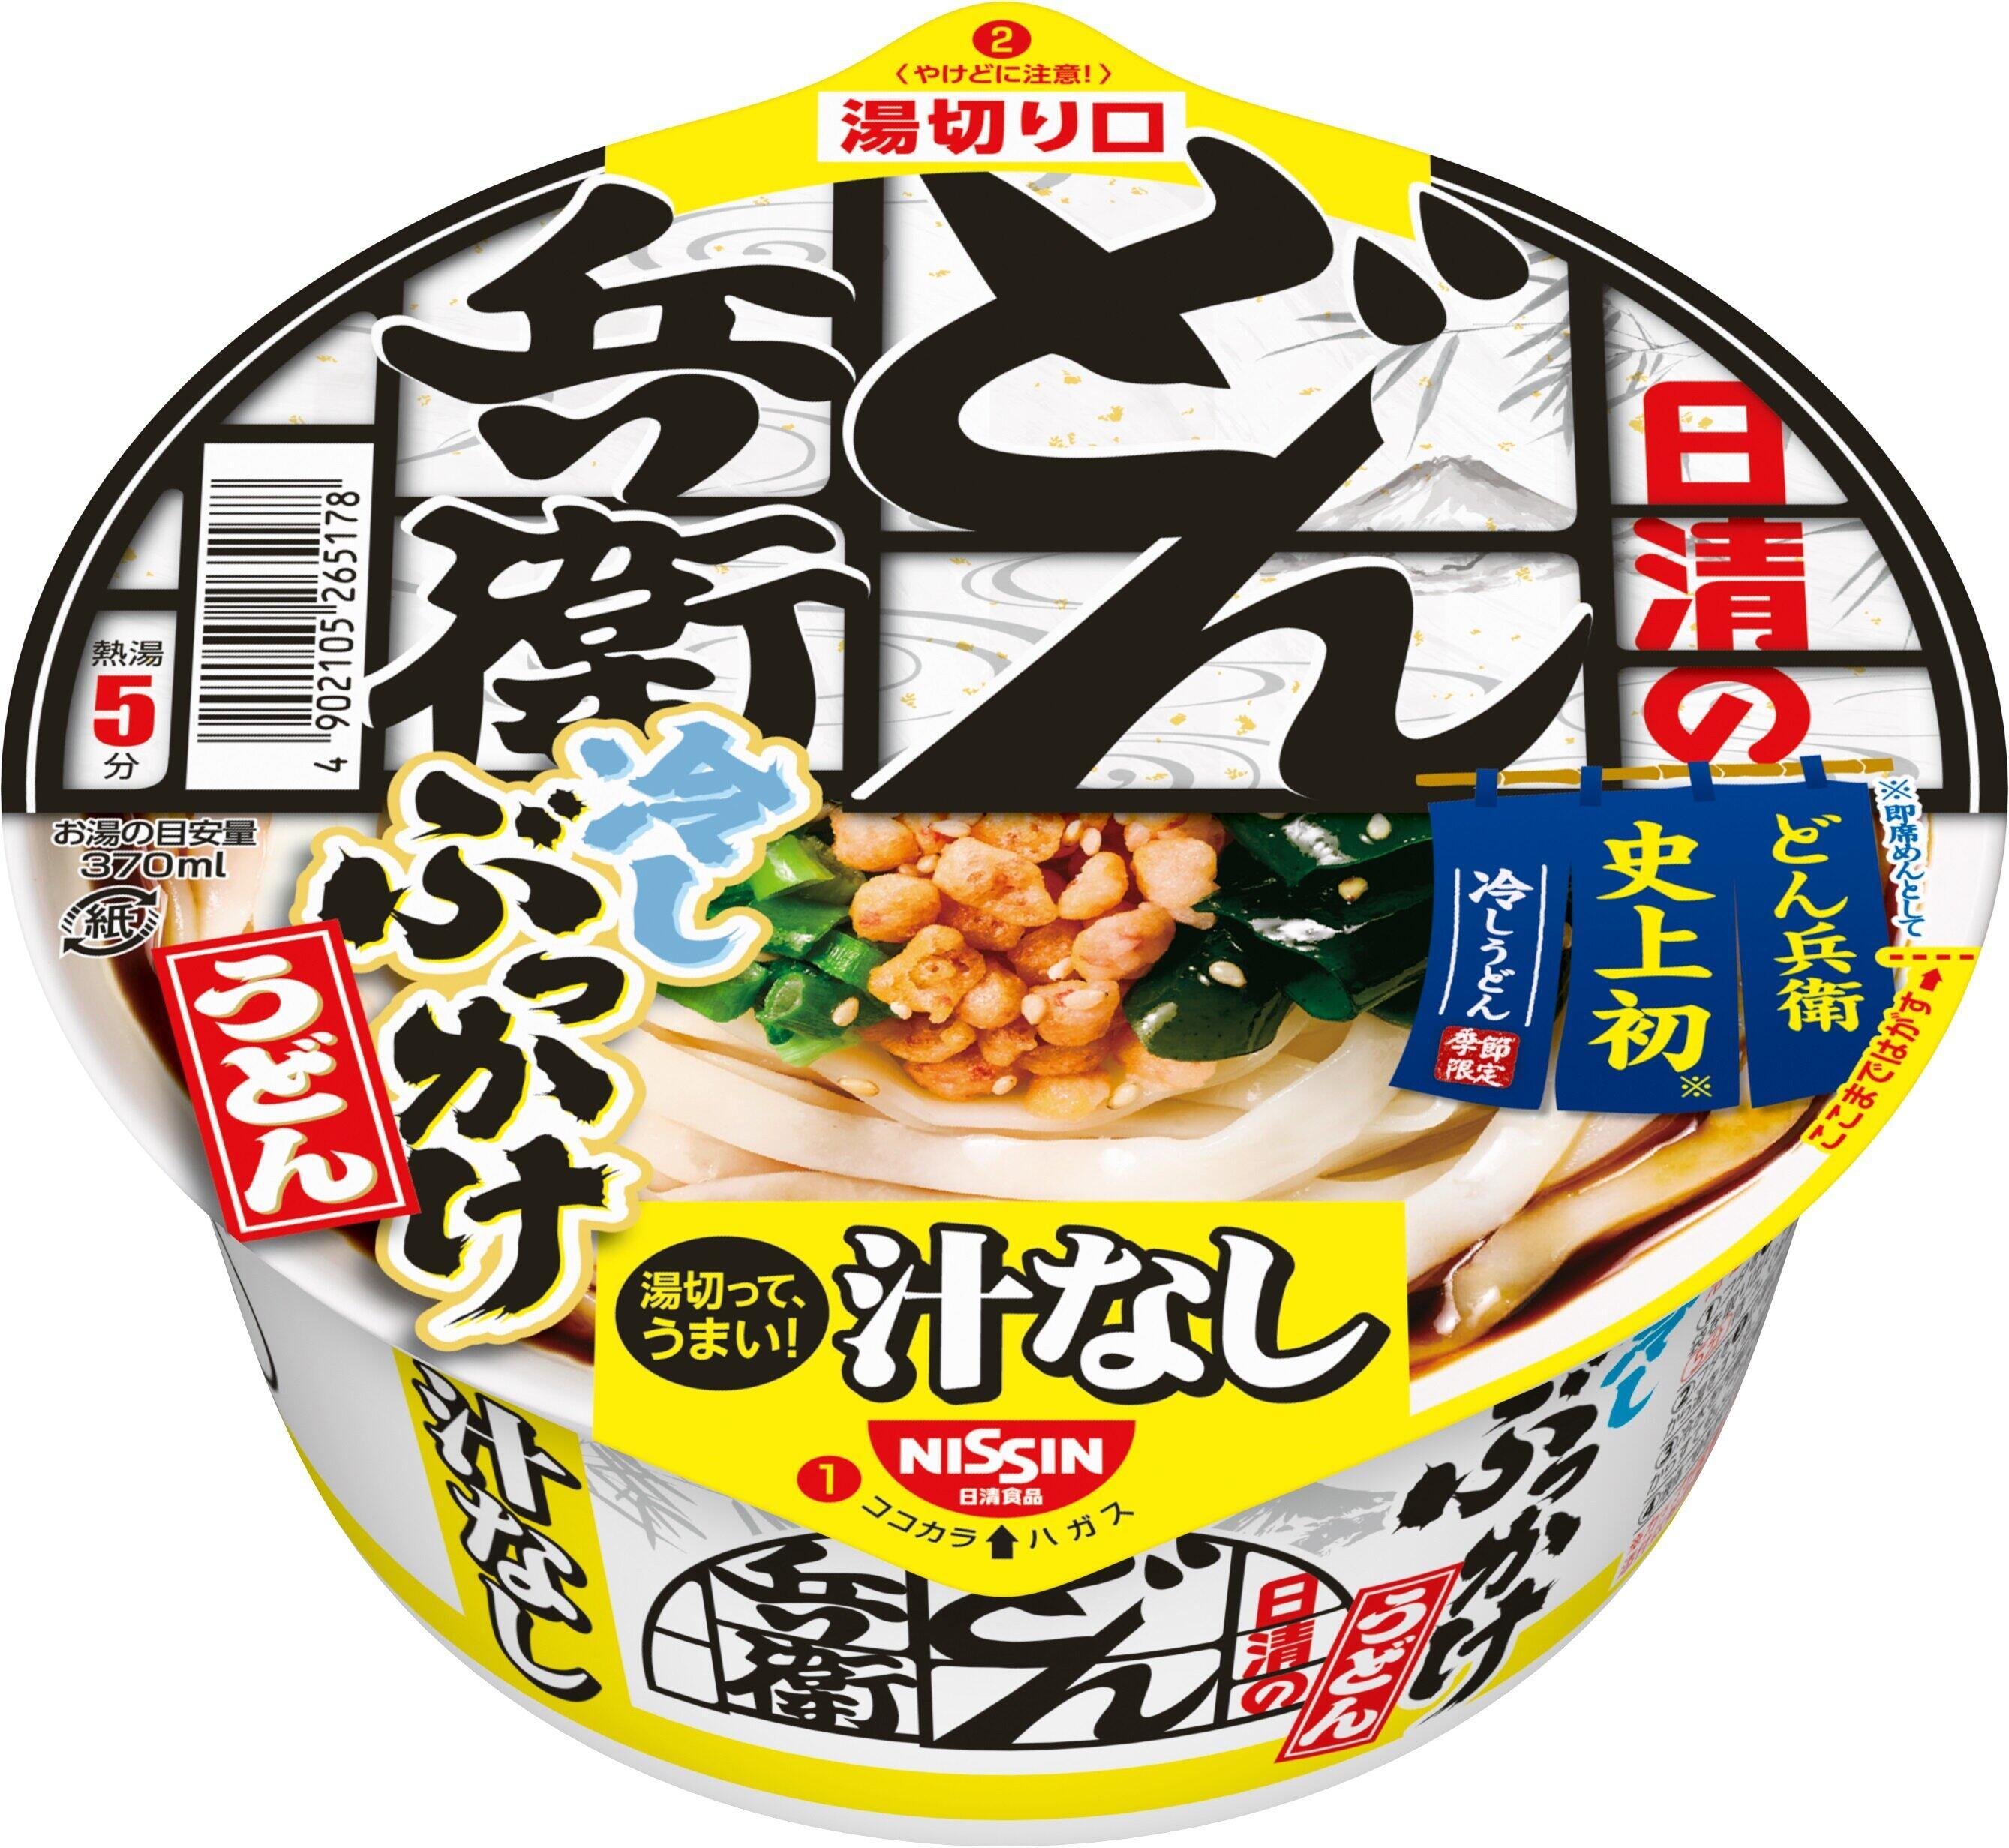 麺を冷水で冷やせば新たな食感に